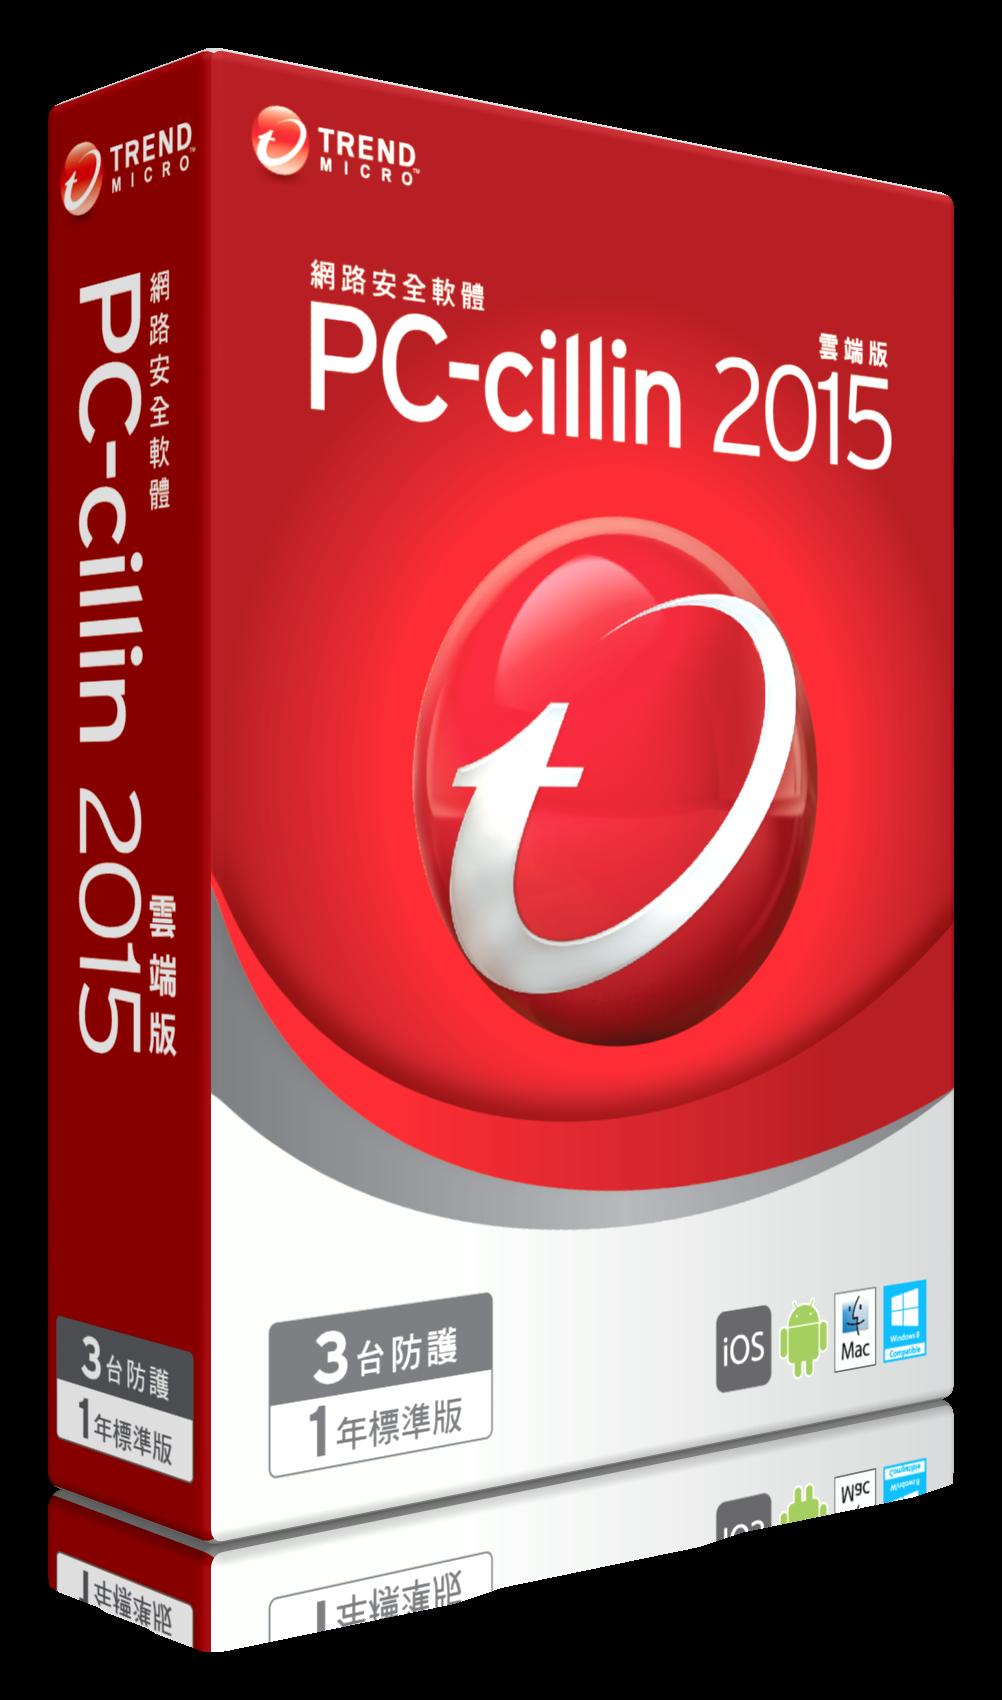 PC-cilin 2015氣勢驚人 雲端截毒全球最快 防毒測試勇奪第一   台北資訊月超值回饋 現場加贈多重好禮 獨家優惠不容錯過